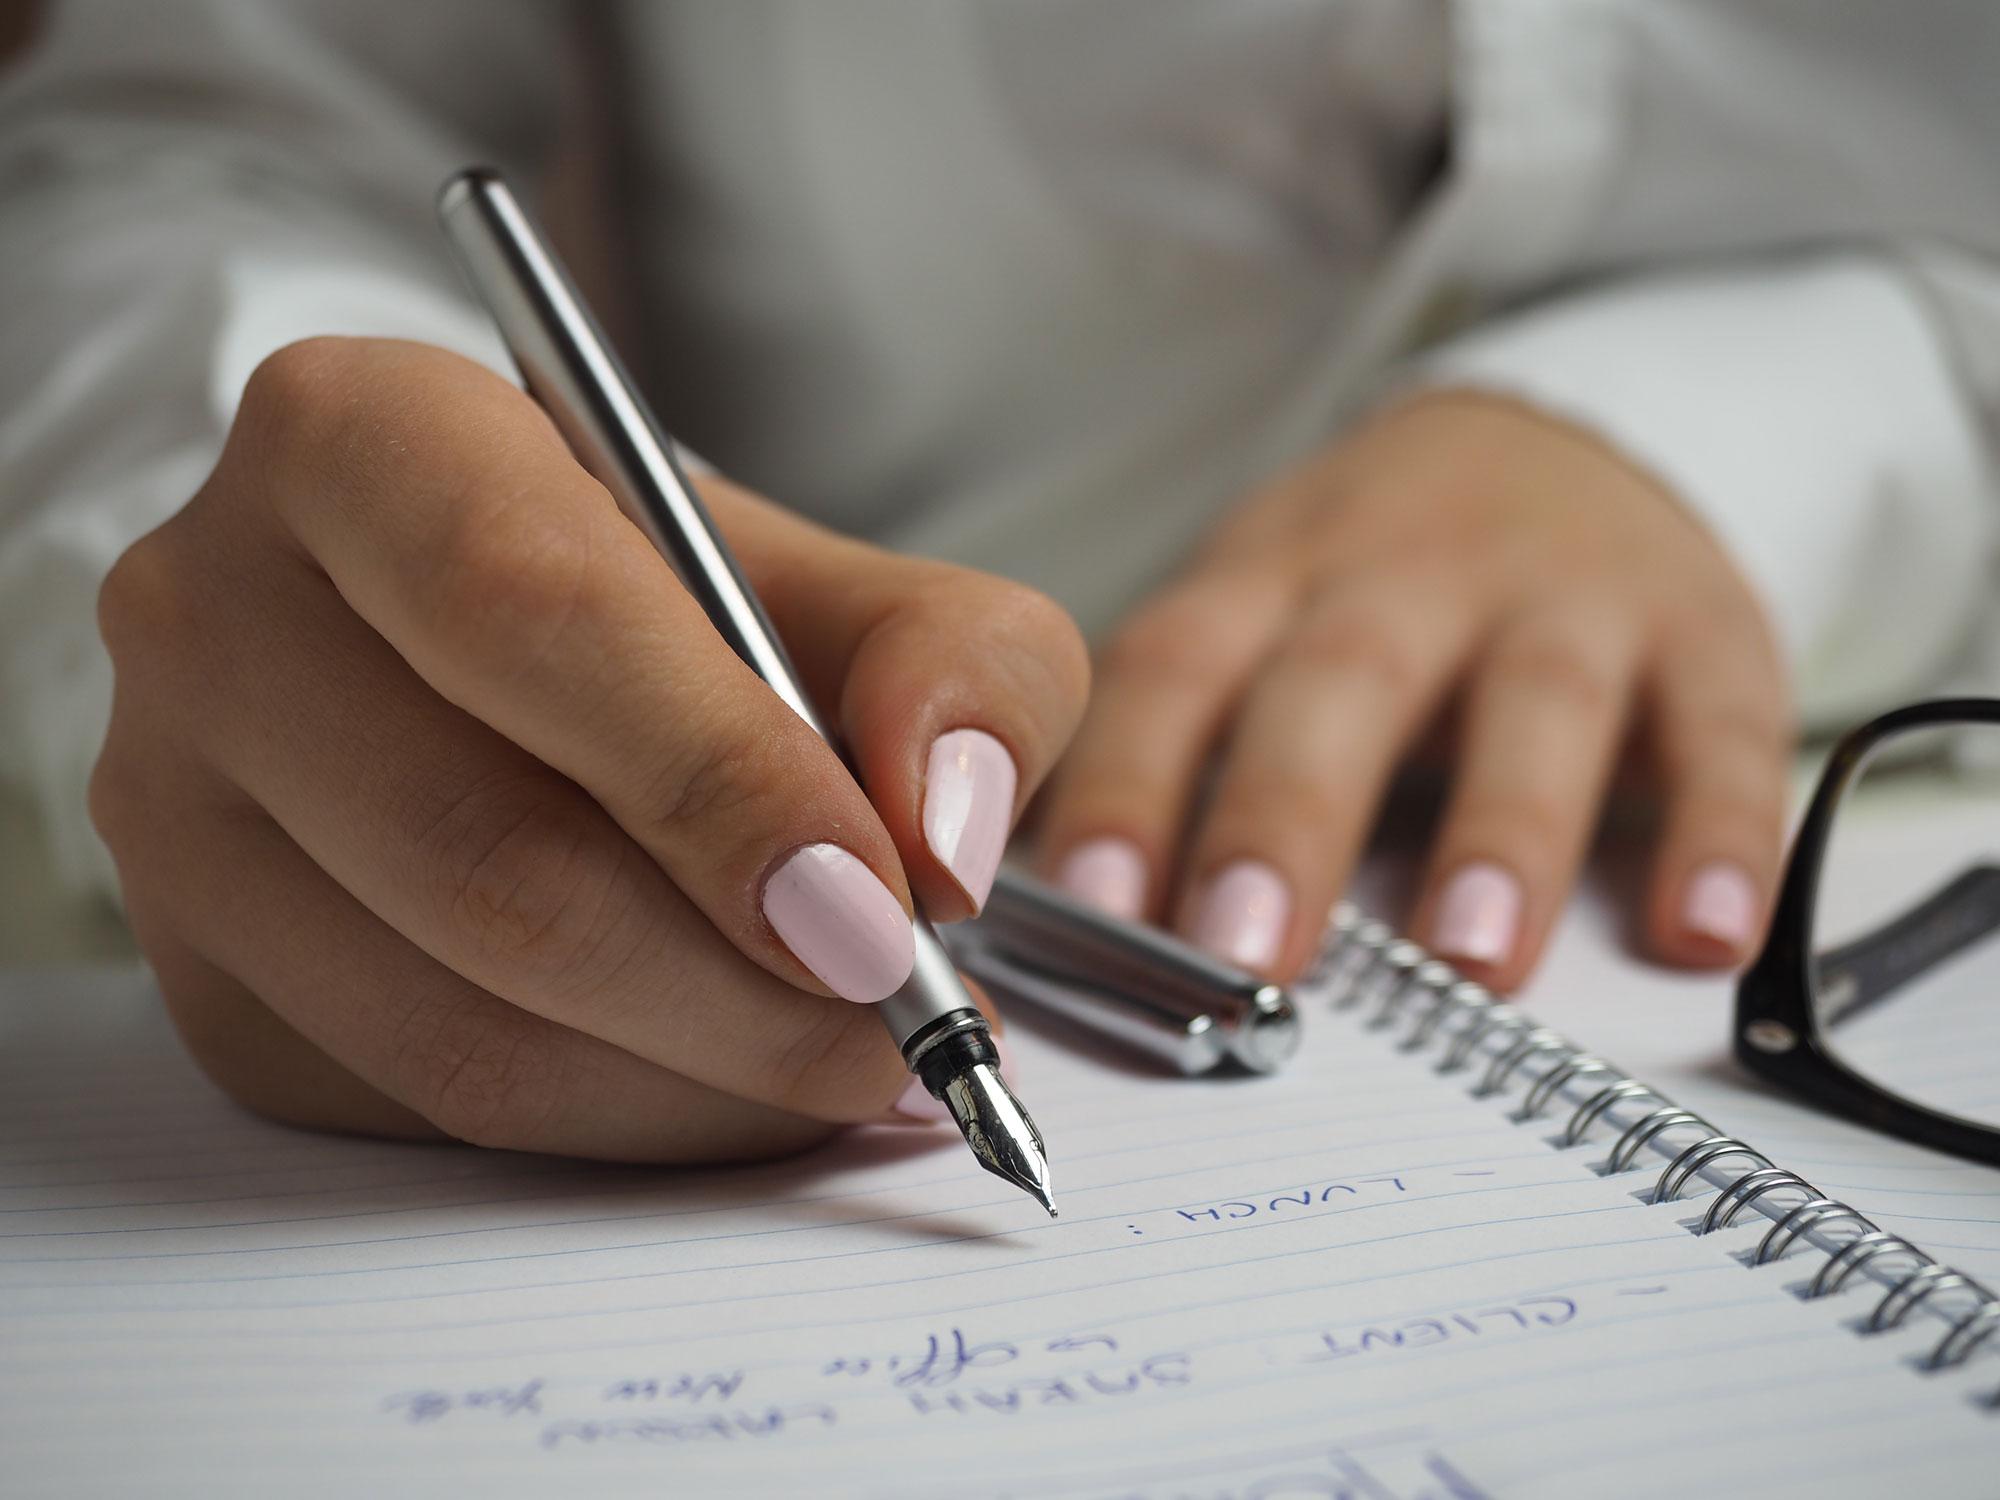 bg-person-hands-woman-pen-110473.jpg